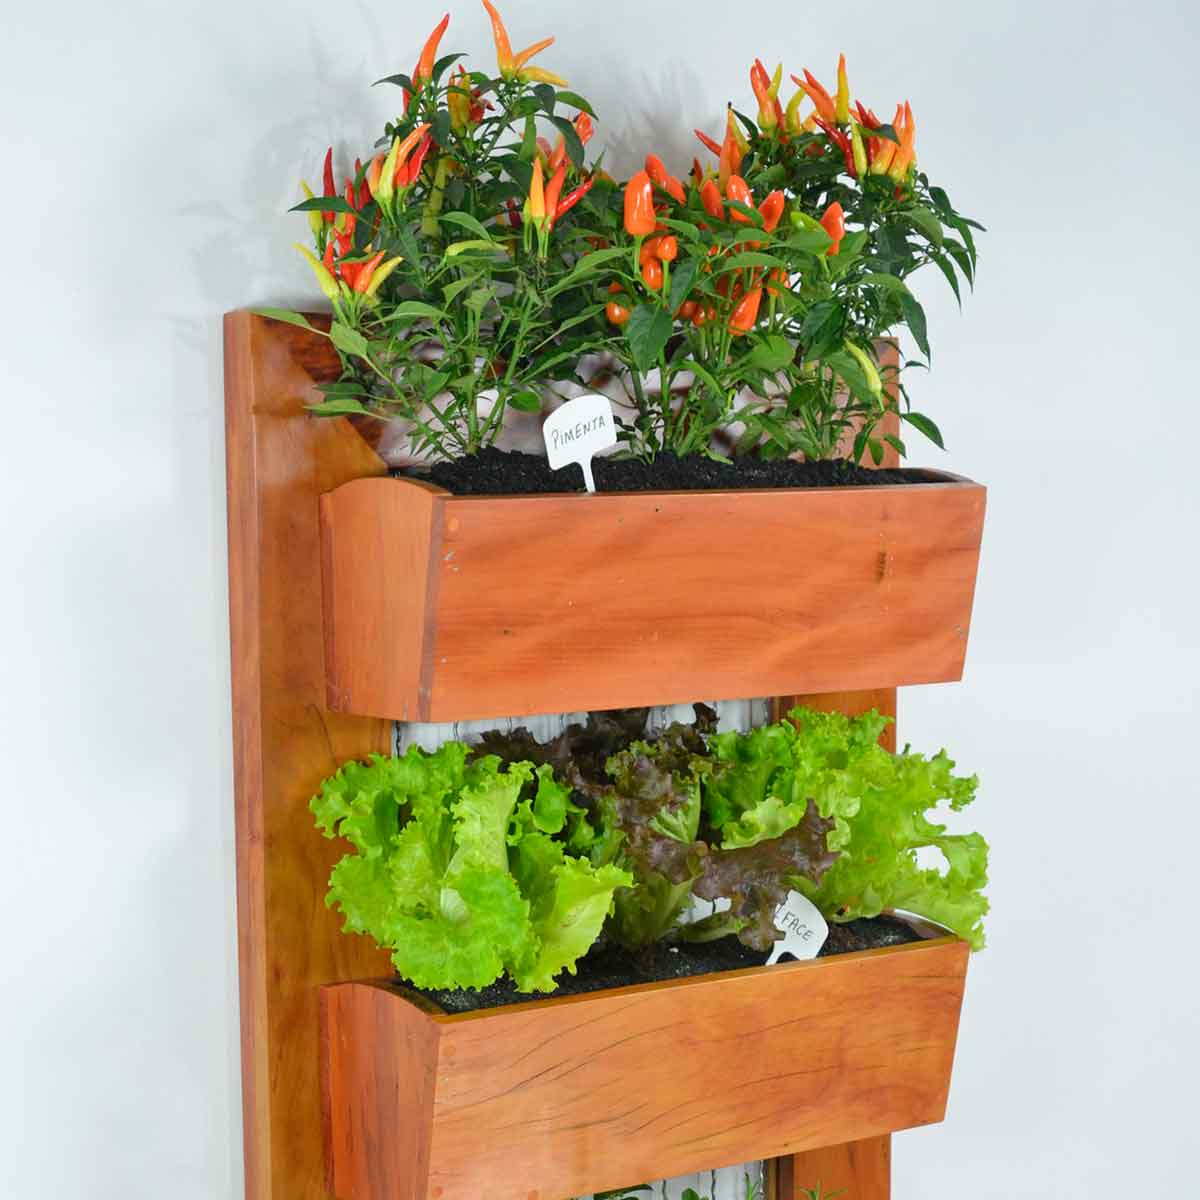 Tendencias de jardines verticales para interiores y exteriores con sistema de plug-in